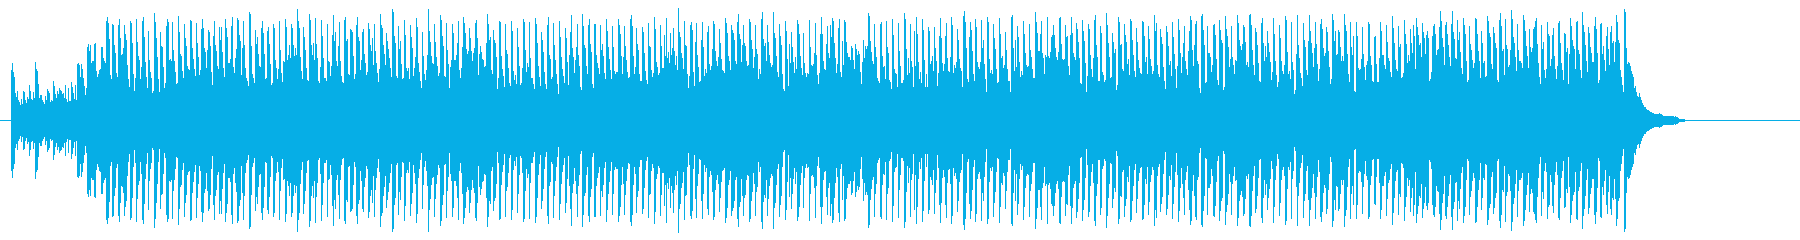 楽しい 軽快 にぎやか ショータイムの再生済みの波形